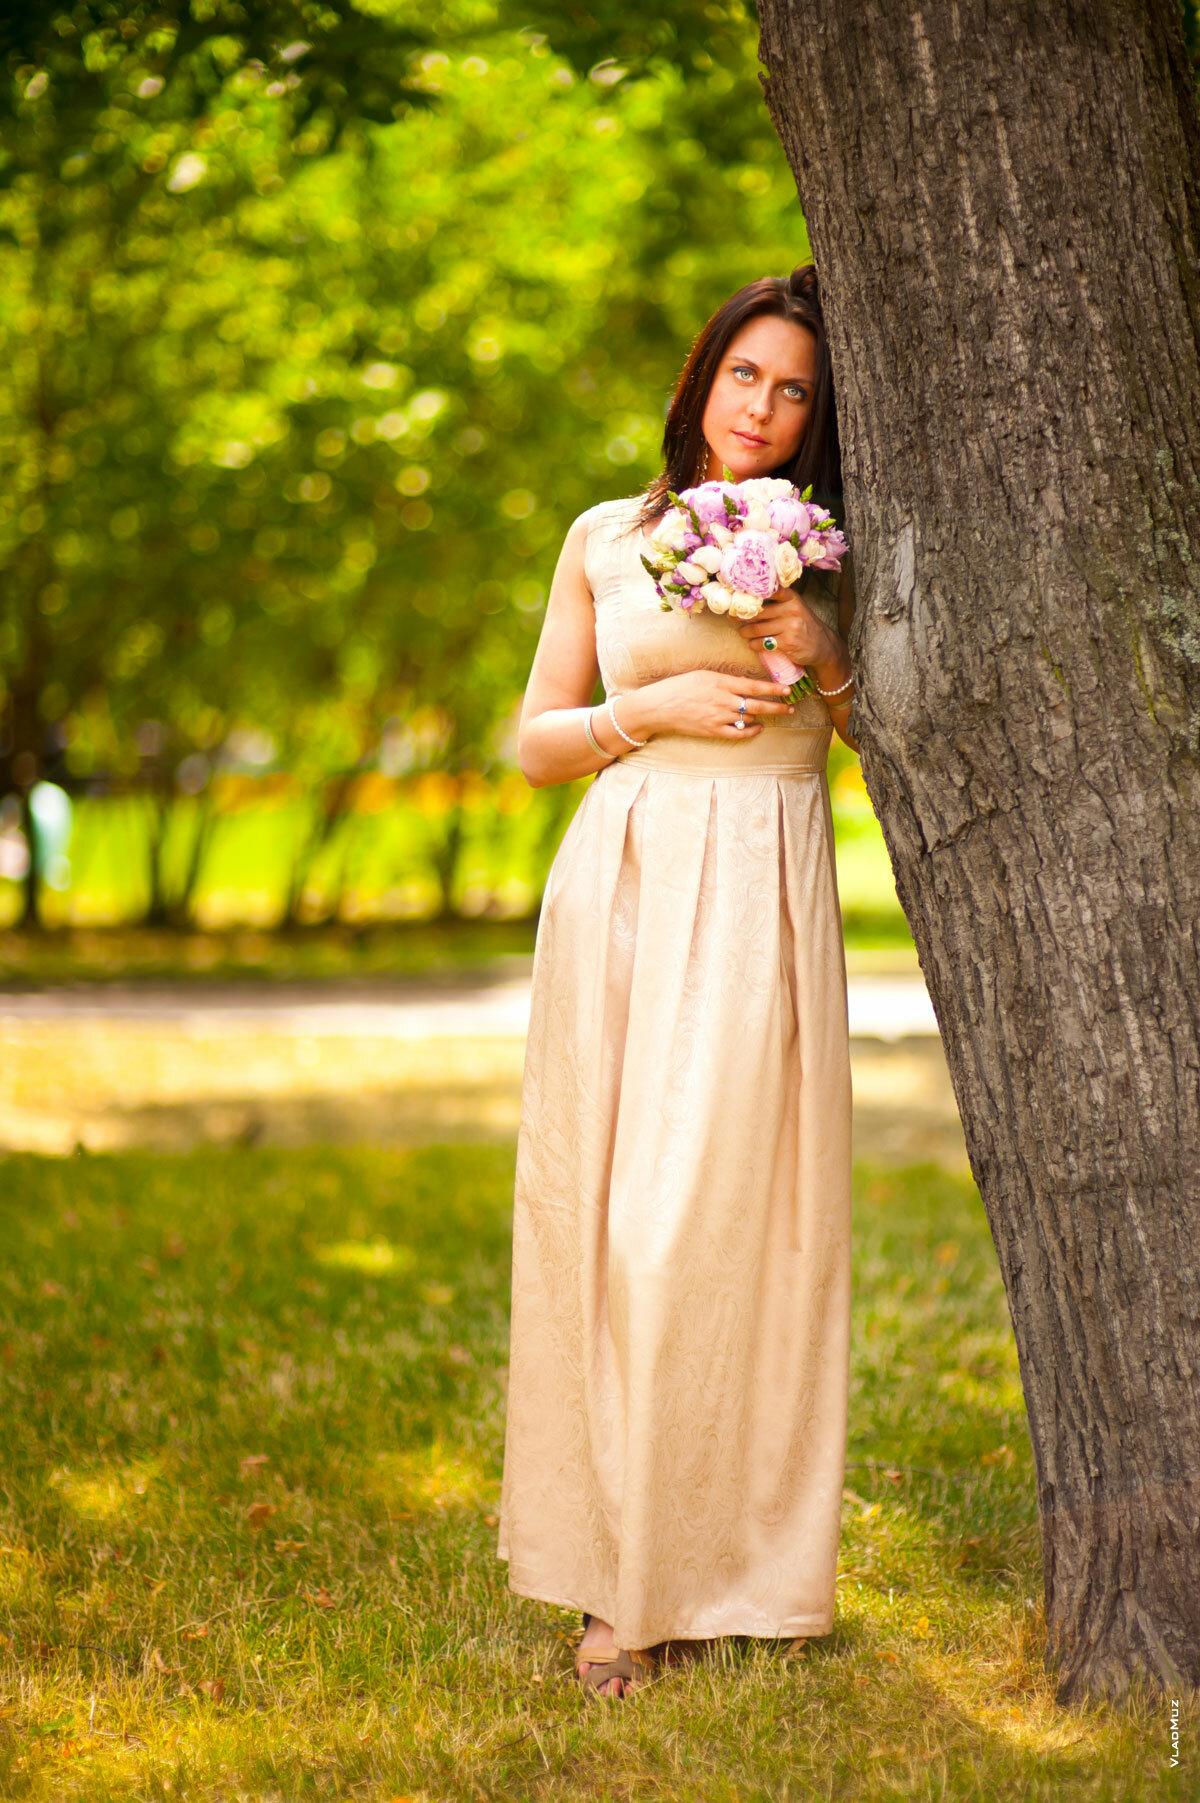 Ростовые фото девушек — 14